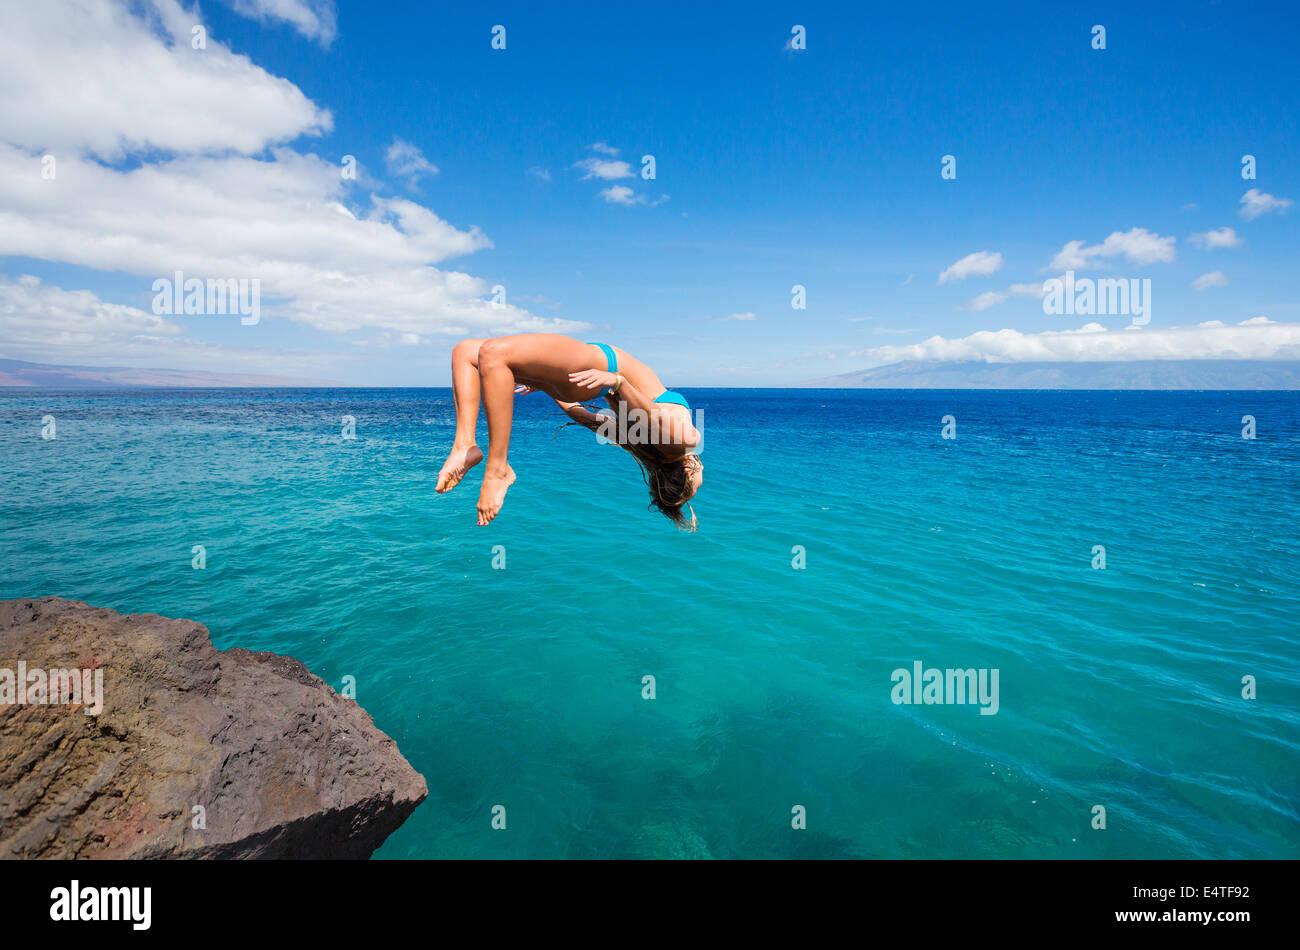 Donna facendo backflip off cliff nell'oceano. Divertimento estivo stile di vita. Immagini Stock